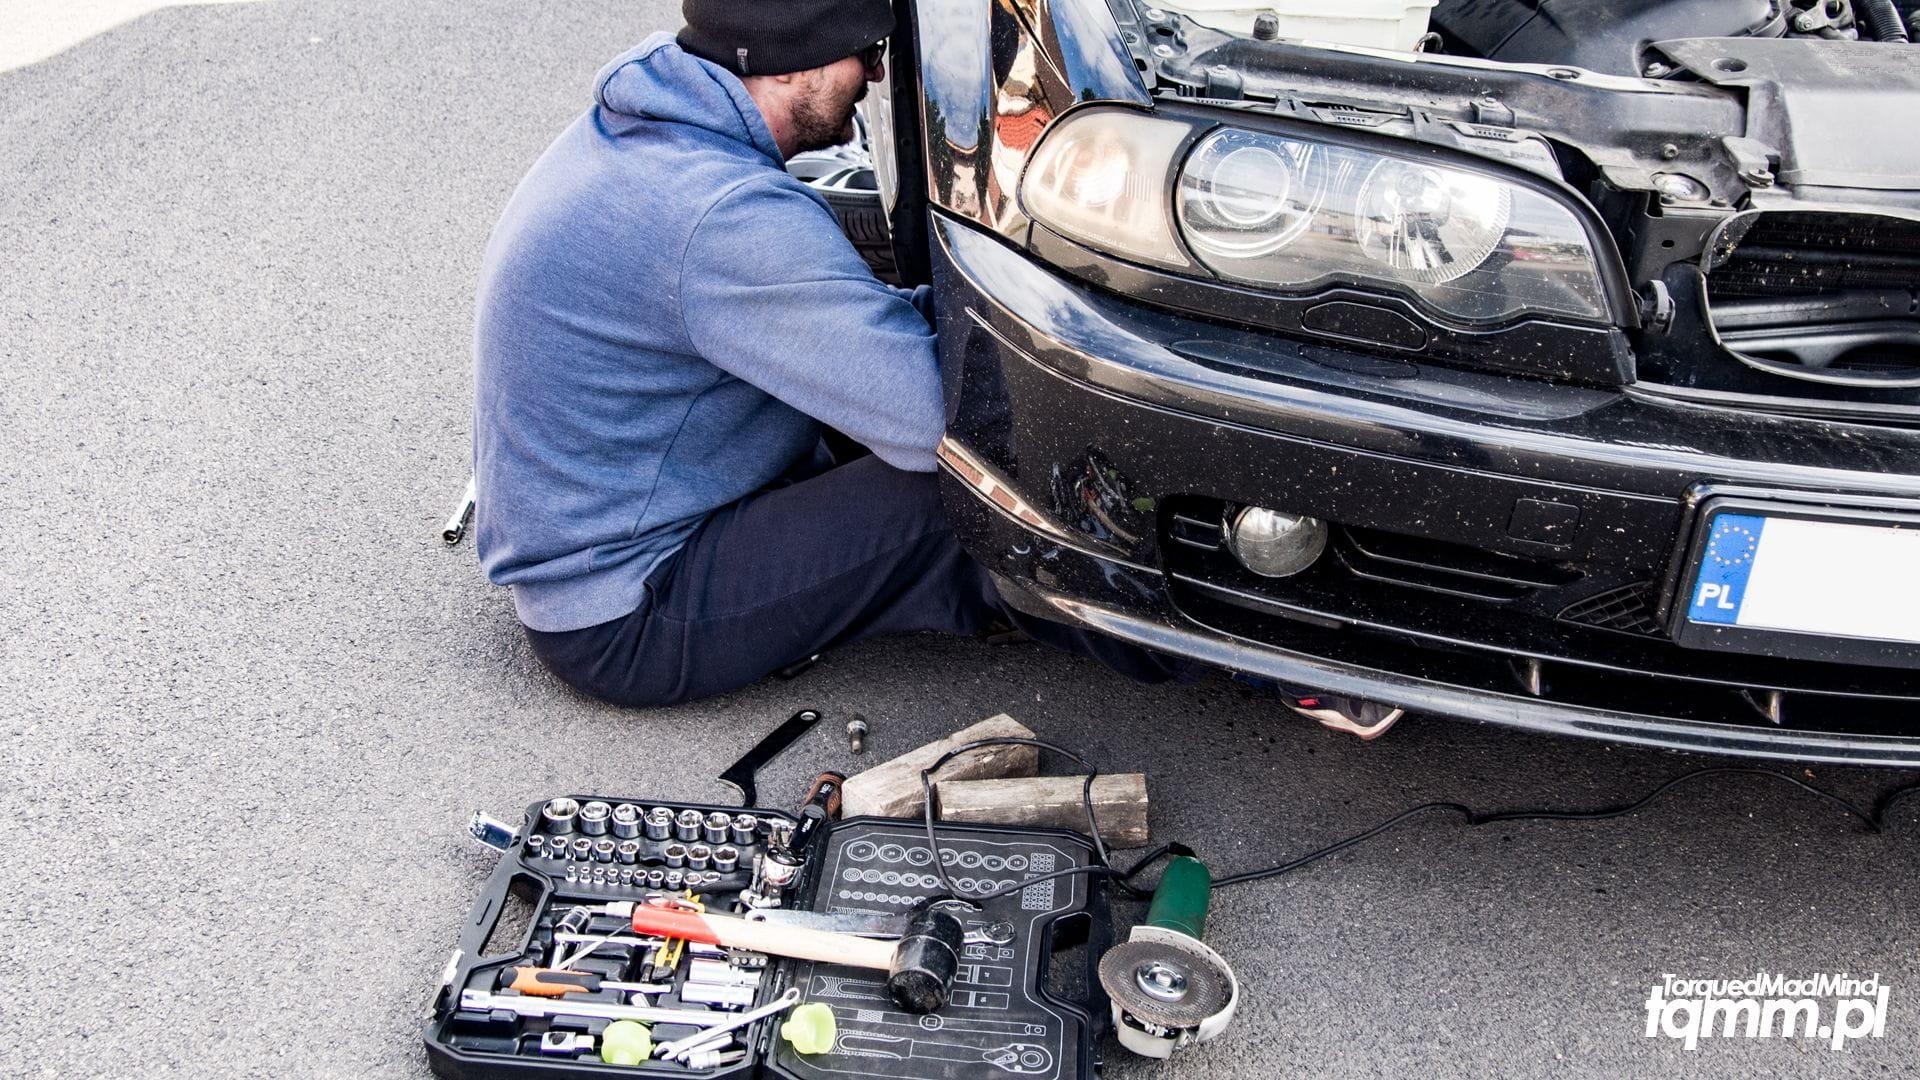 Kolejne narzędzia, którymi naprawimy samochód na ulicy 3/?